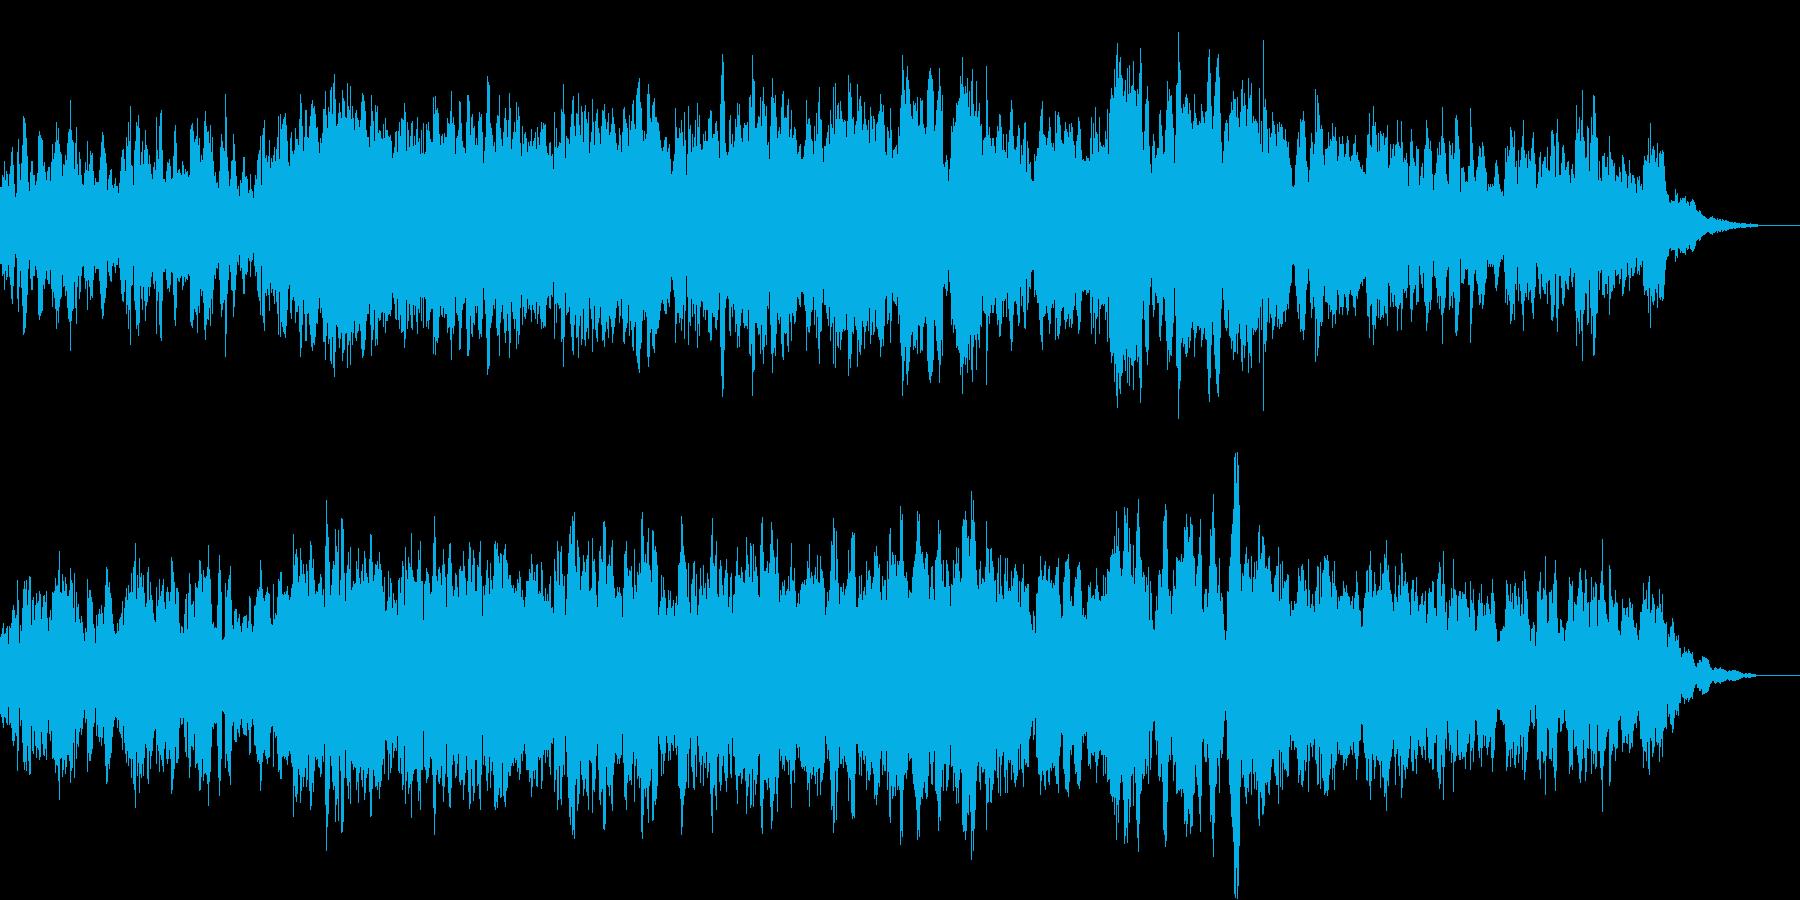 暗く不穏な空気を感じさせるホラー系BGMの再生済みの波形